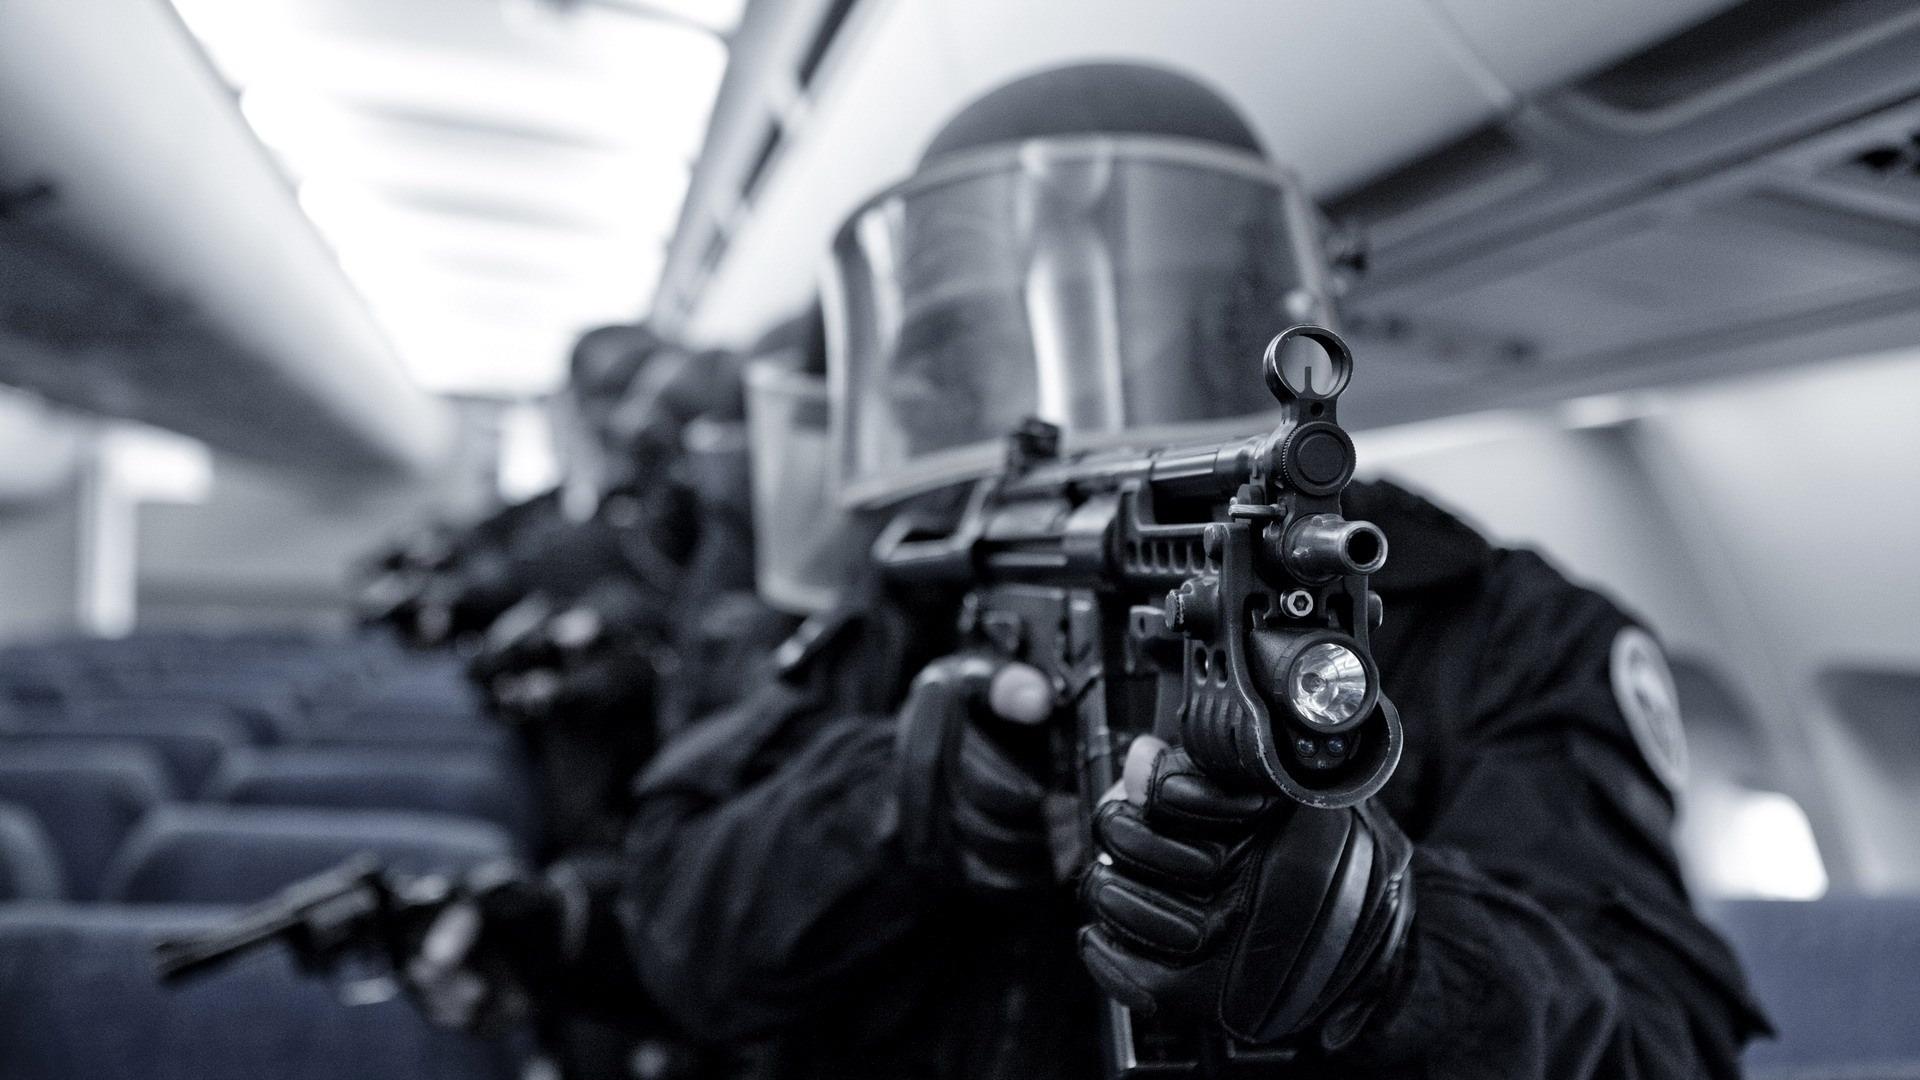 Swatチーム デスクトップの壁紙の軍事関連項目プレビュー 10wallpaper Com